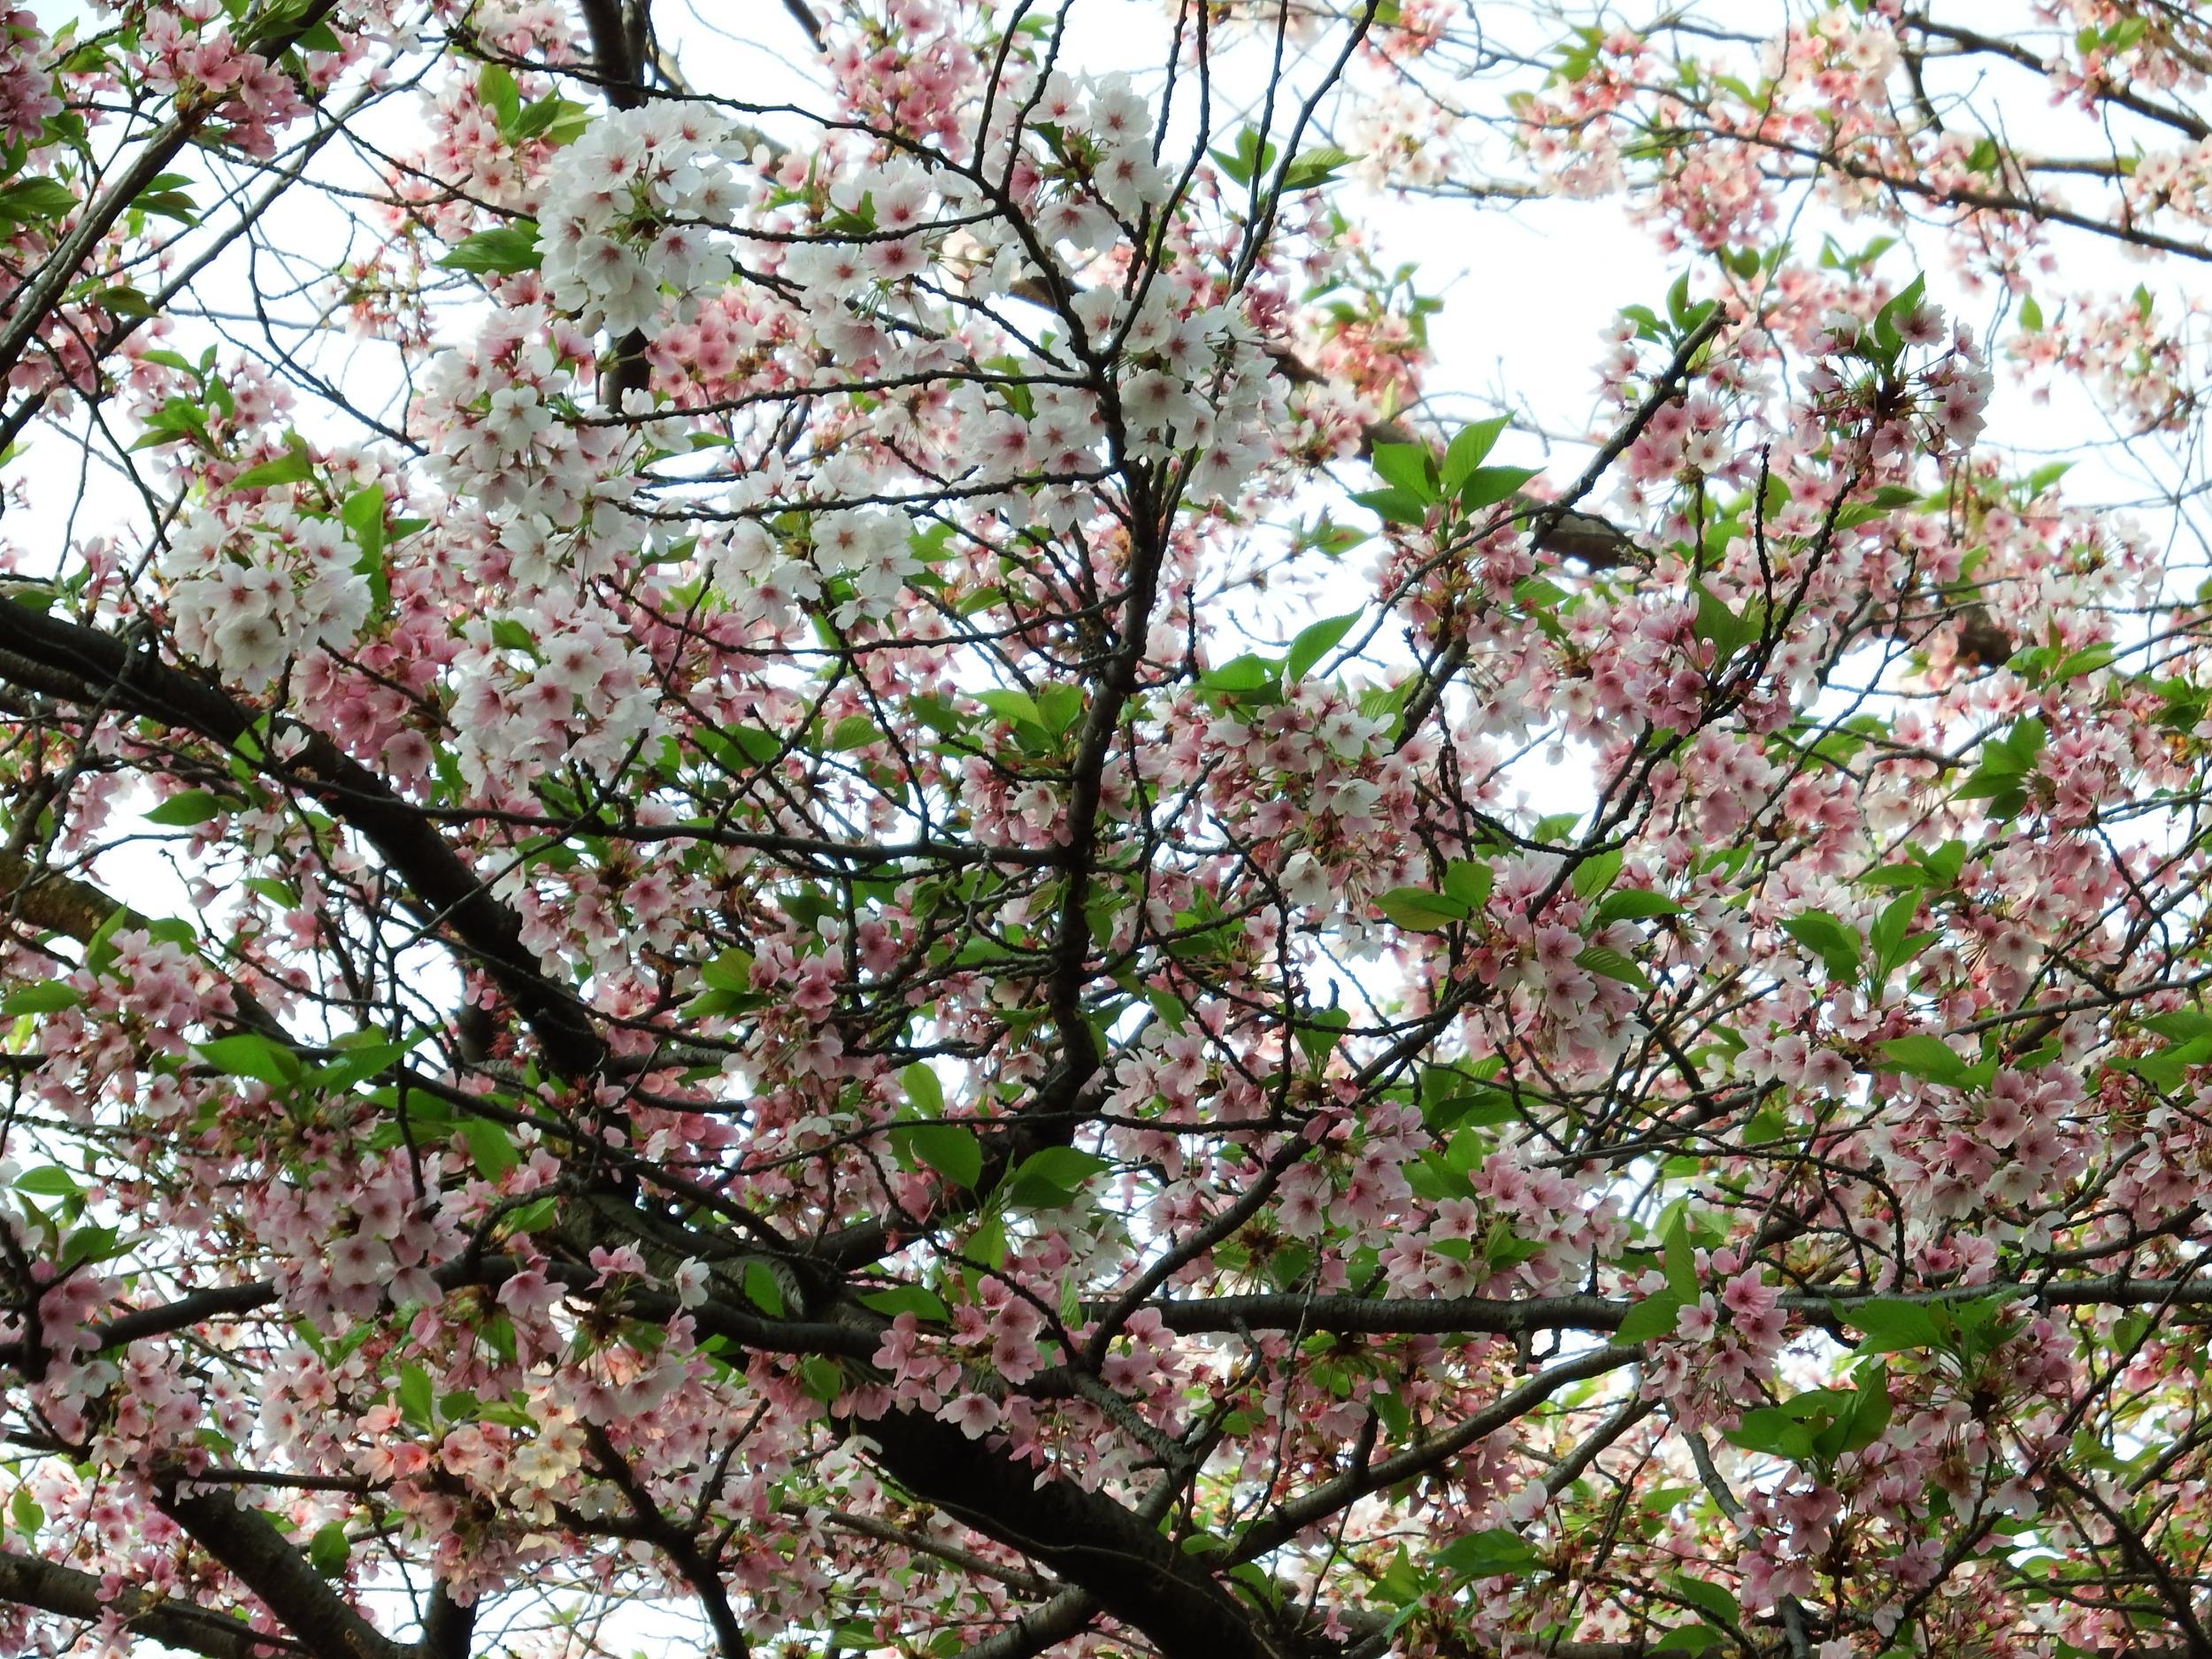 オオルリと葉桜と色んな花 | The fool on the web